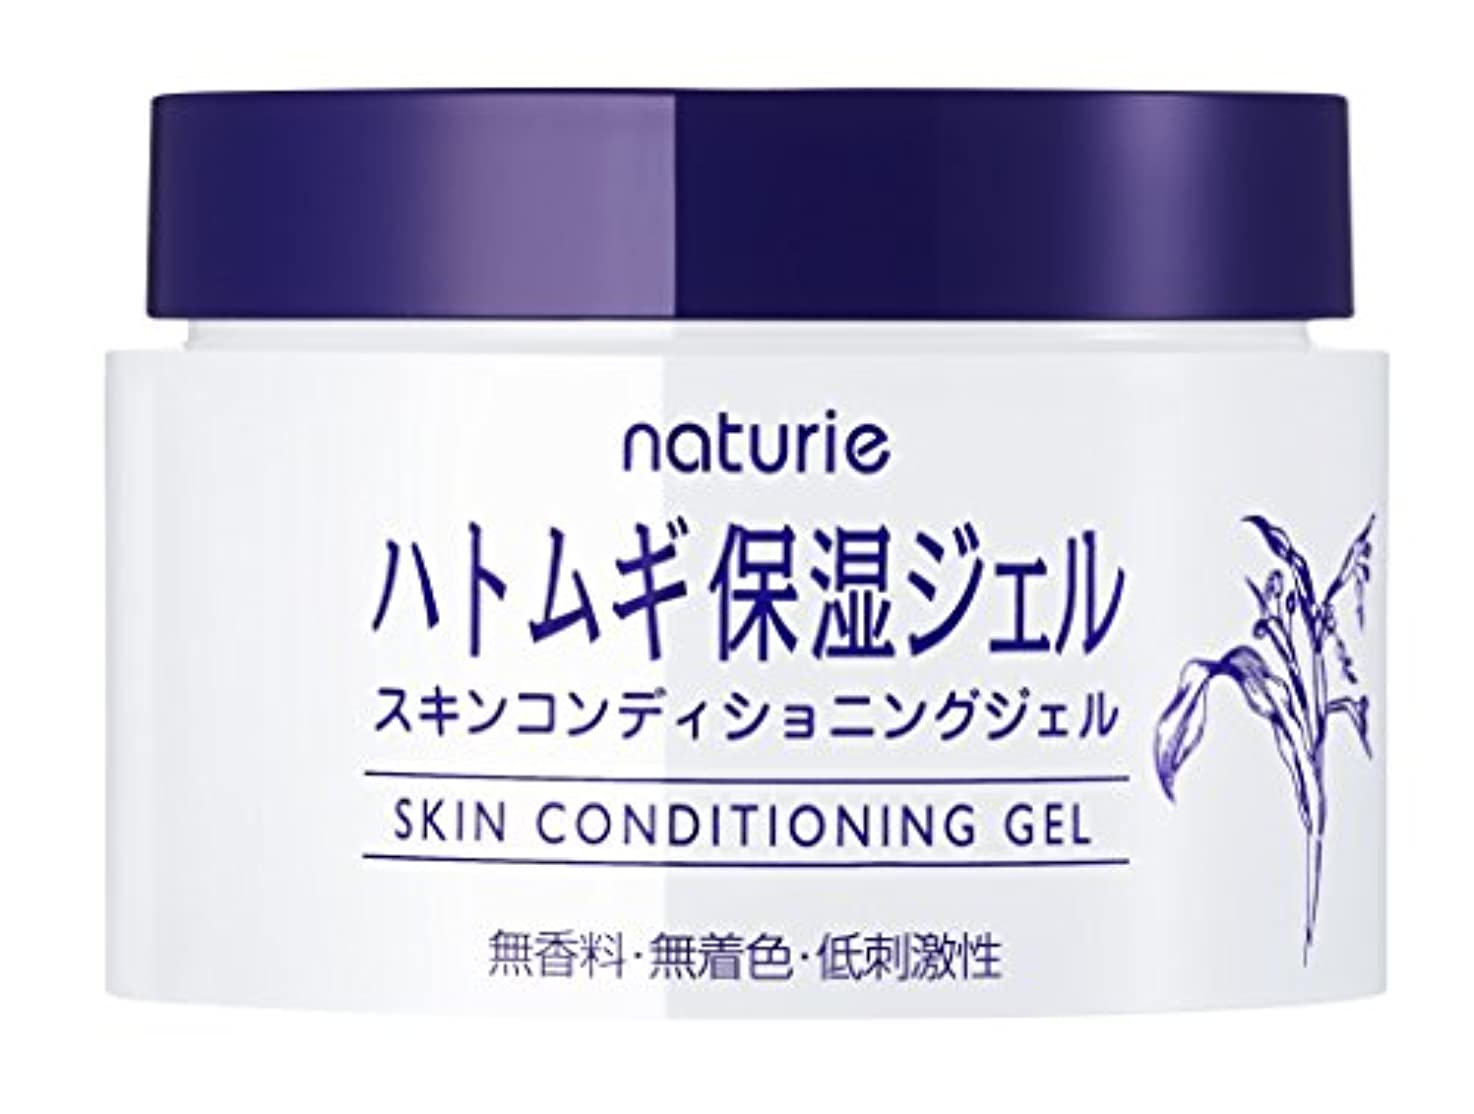 紫のシンプルなとナチュリエ スキンコンディショニングジェル 180g